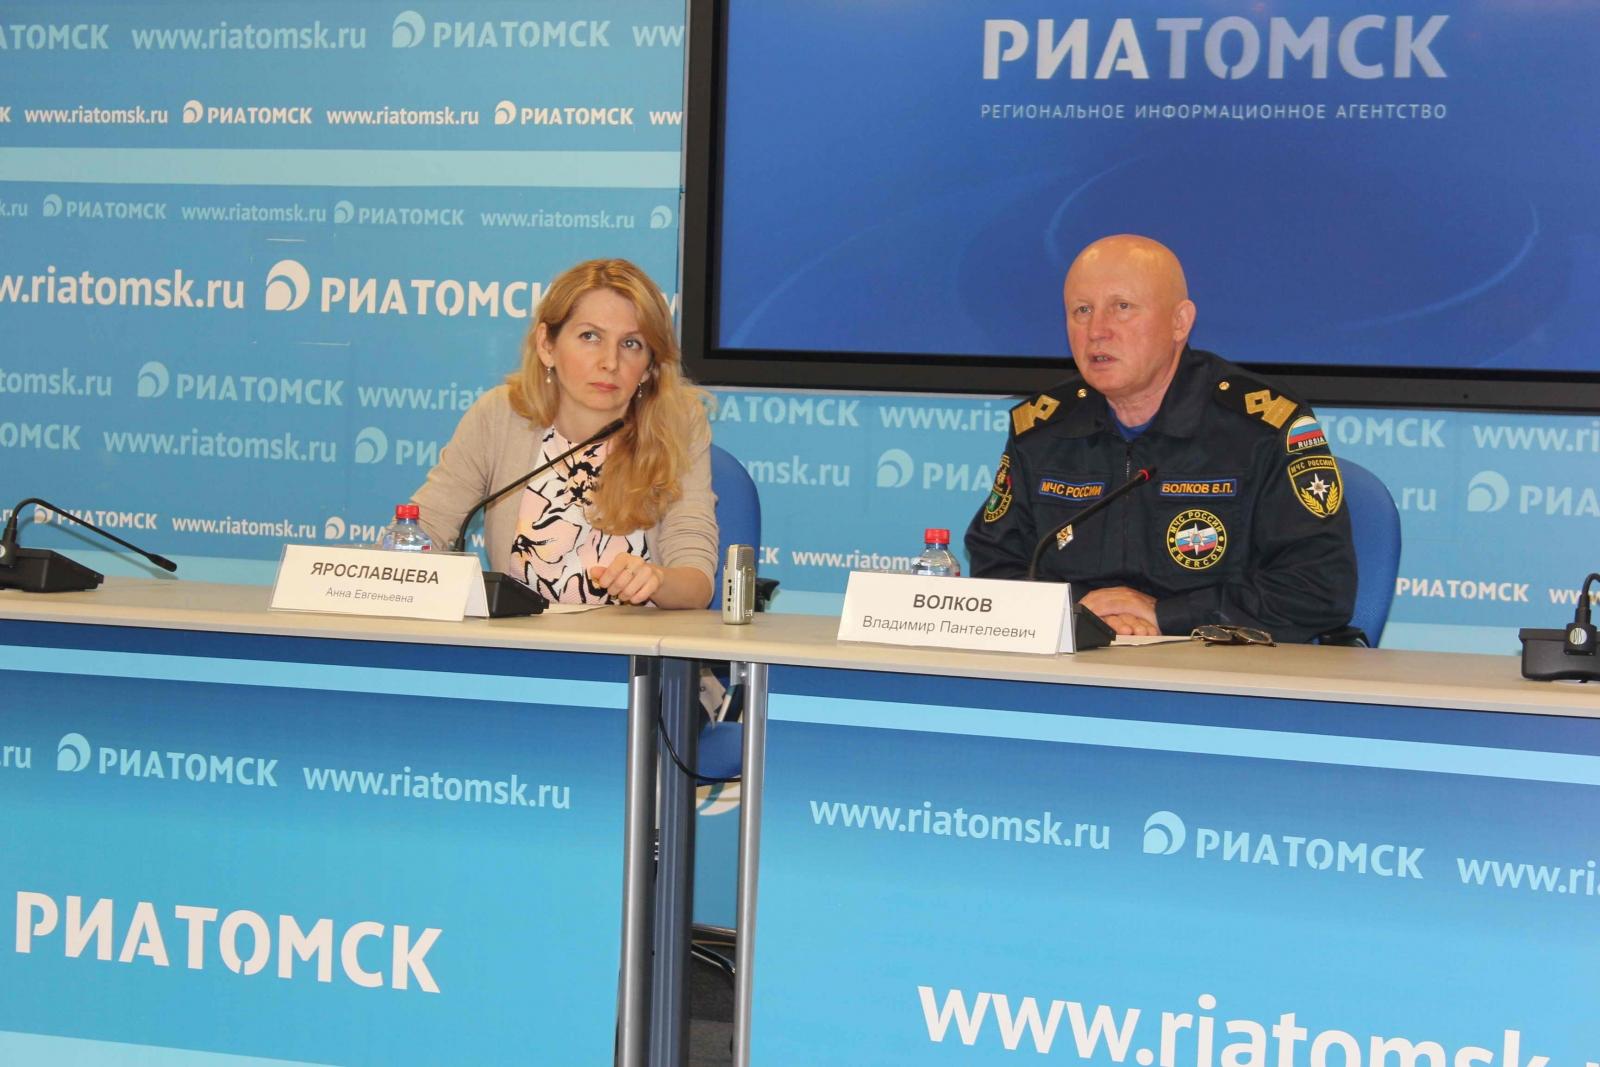 Пресс-конференция по безопасности на водоемах в медиацентре РИА Томск, 10 июня 2015 года